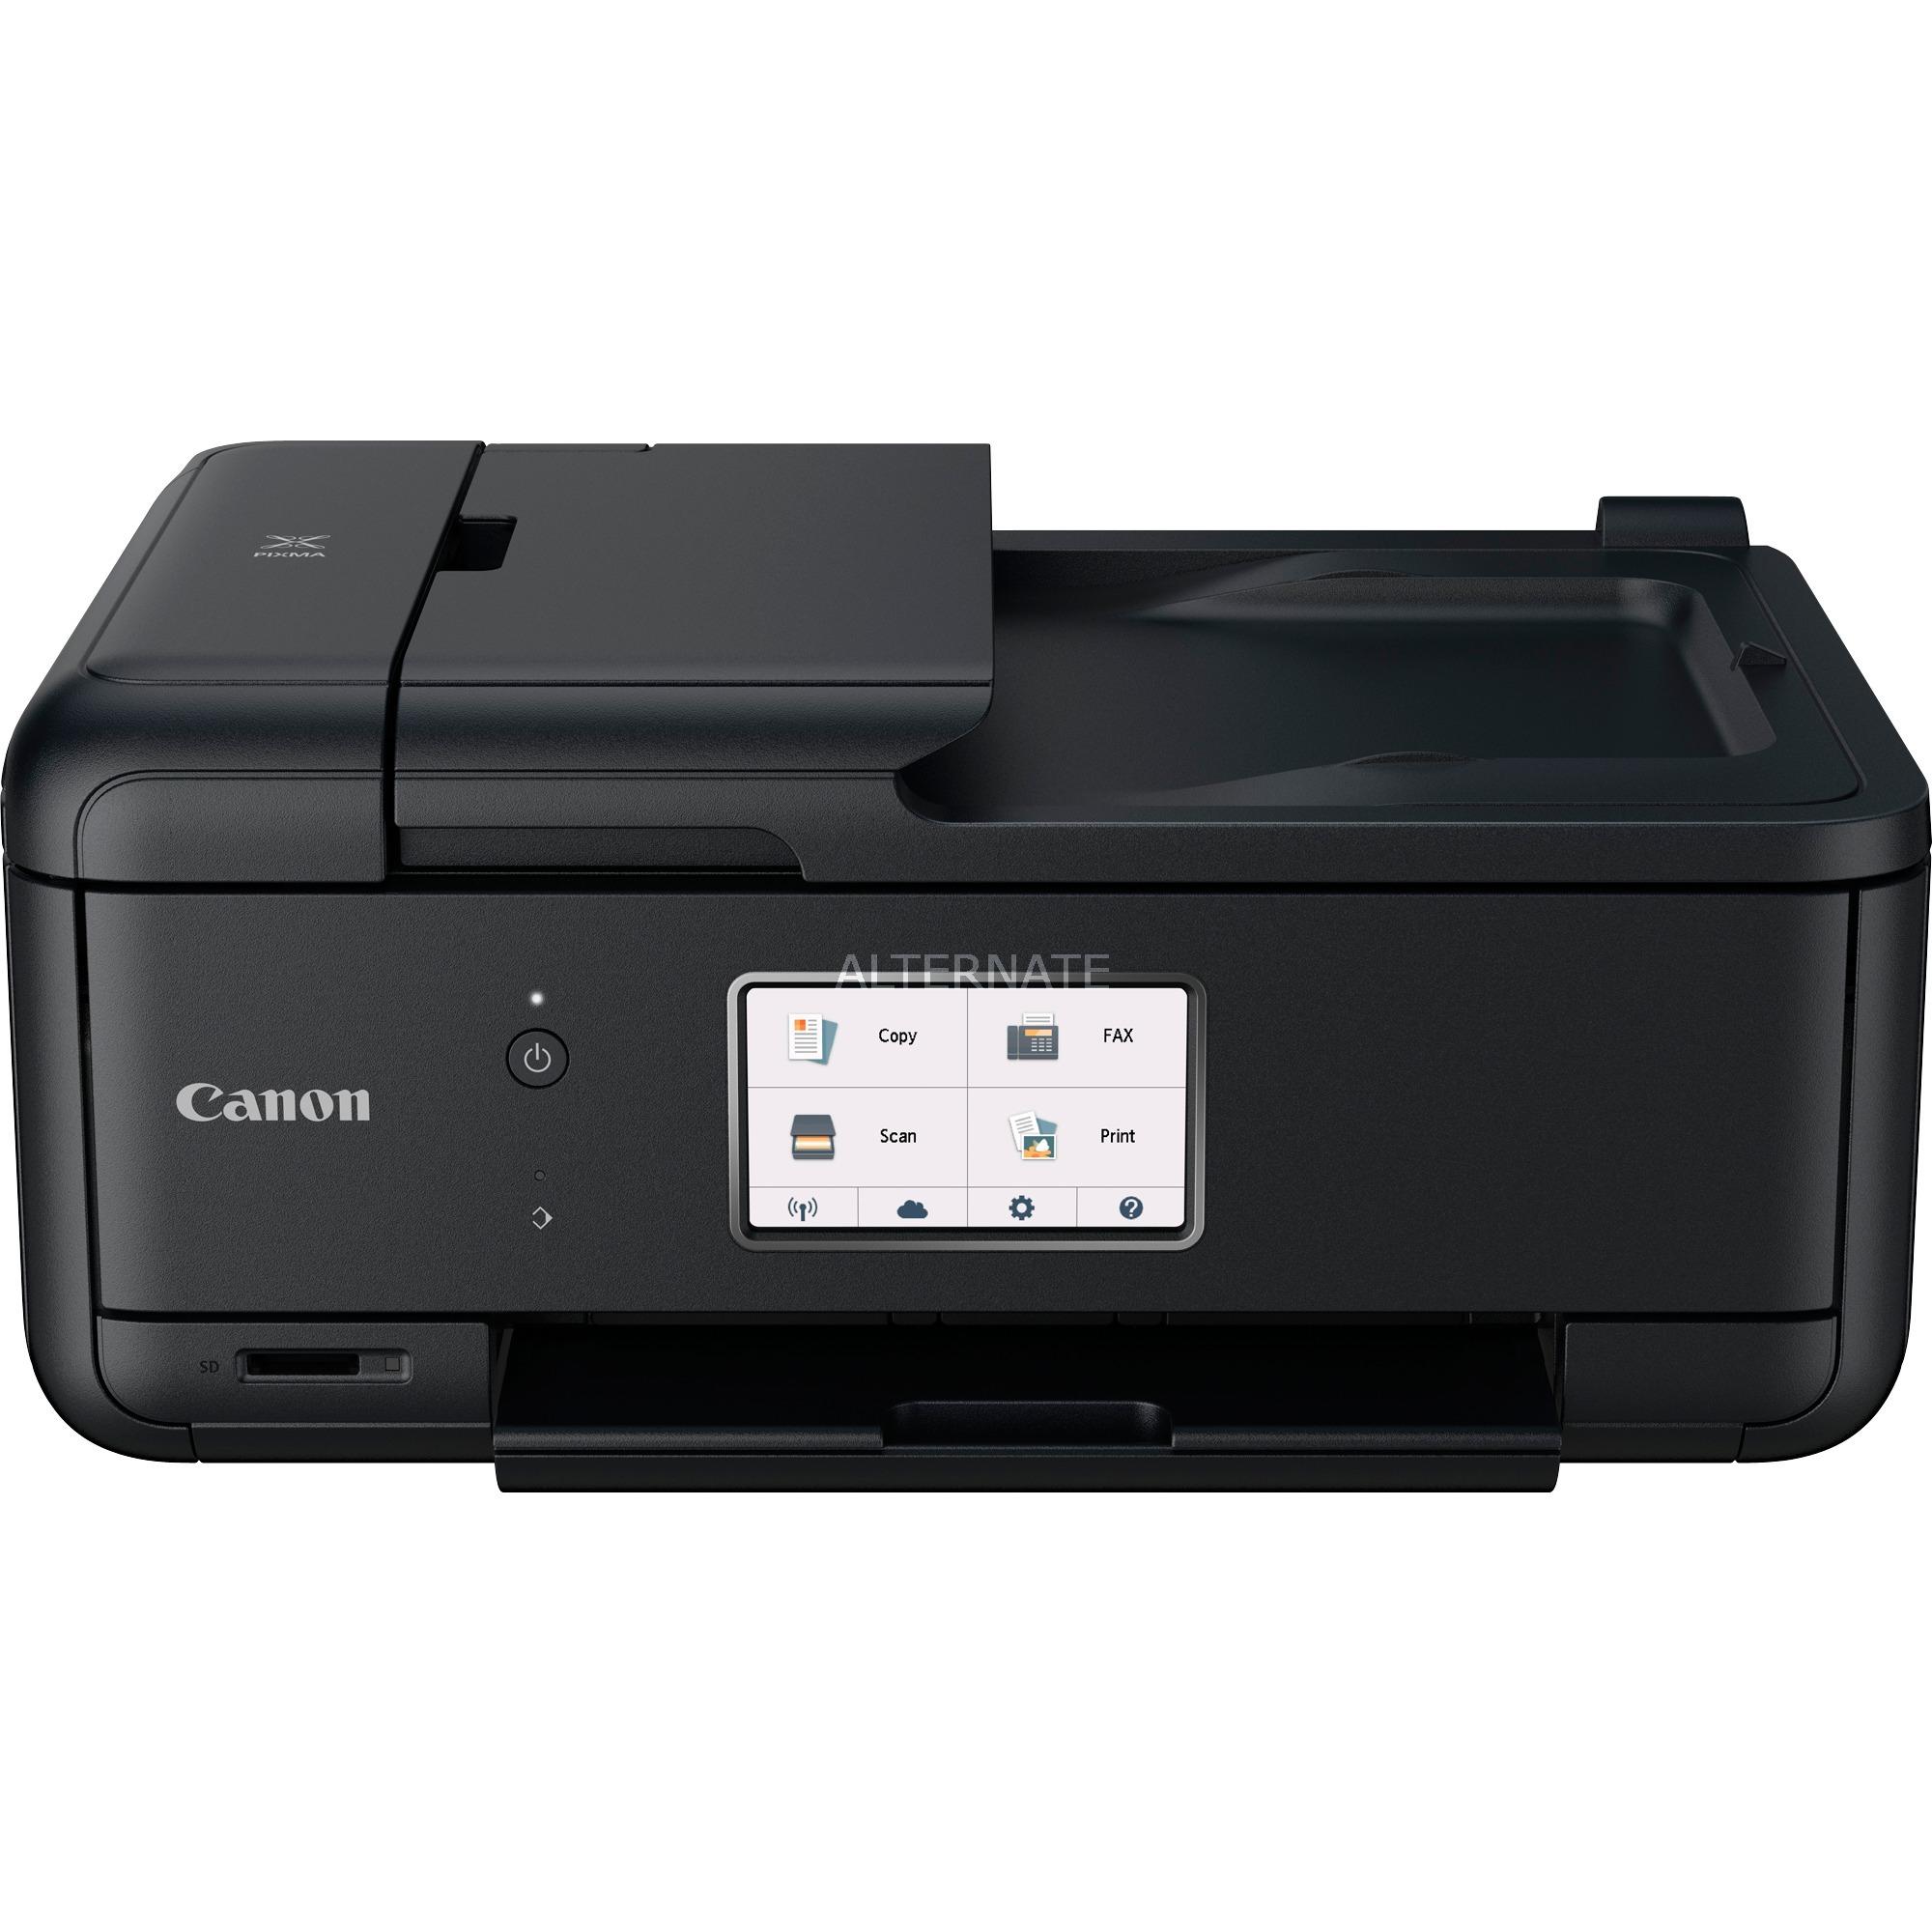 2233C023, Impresora multifuncional